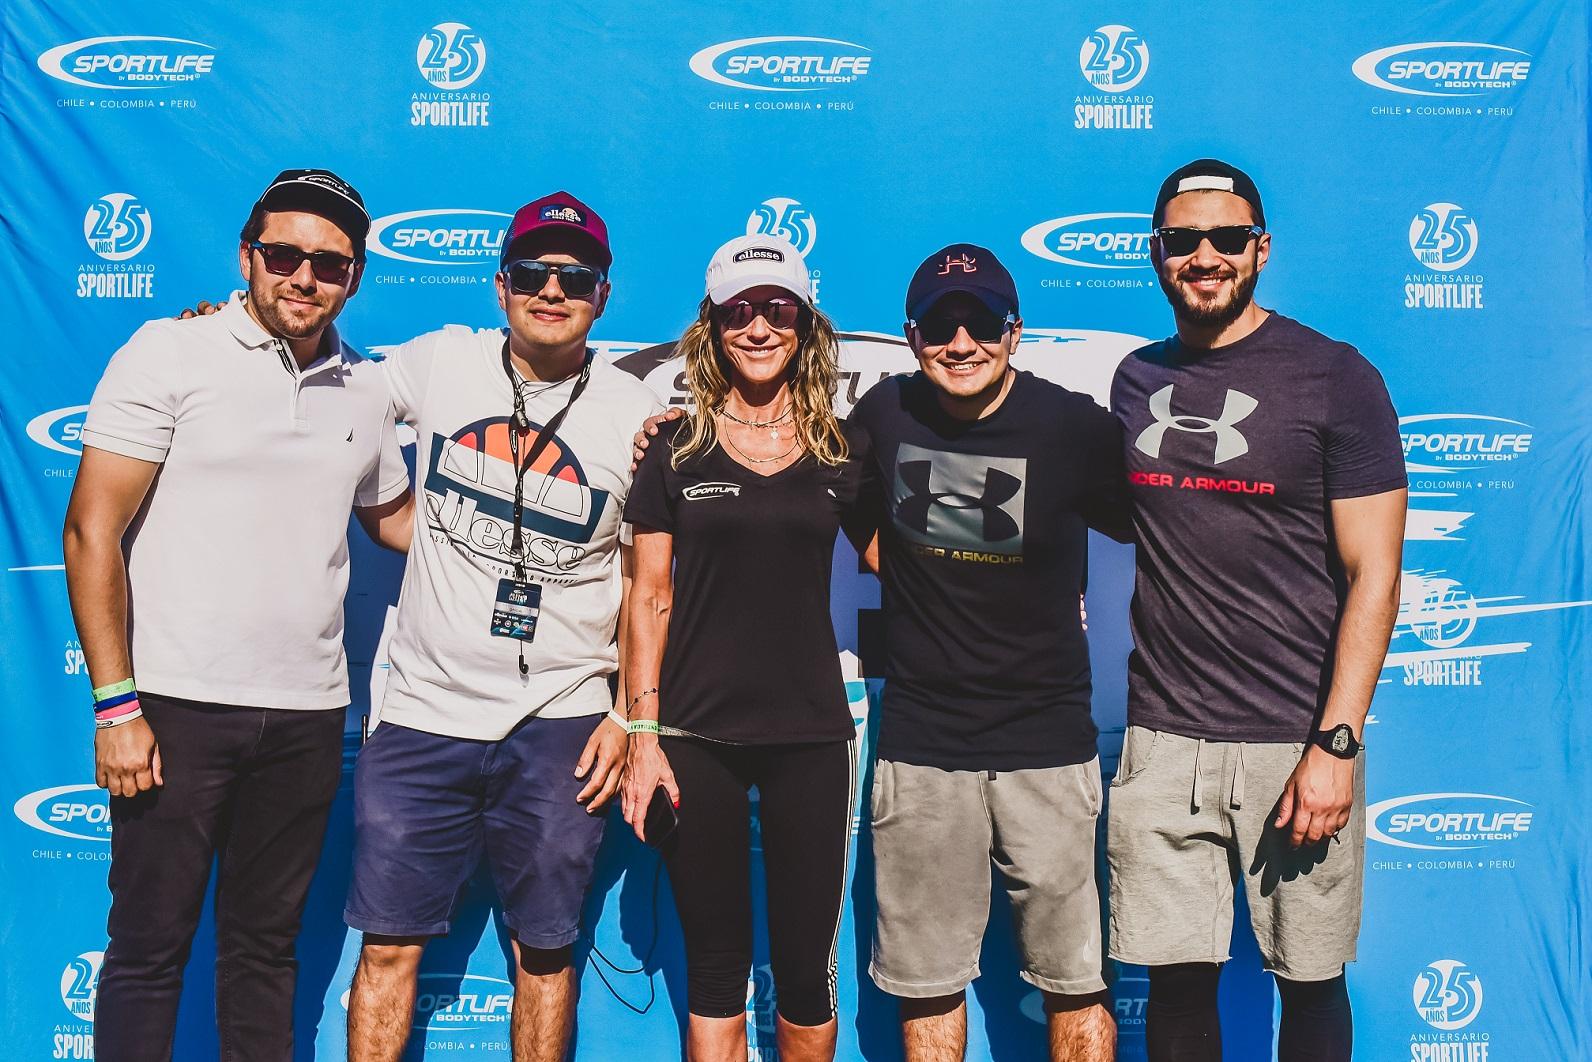 Sportlife celebró sus 25 años con una gran fiesta del deporte